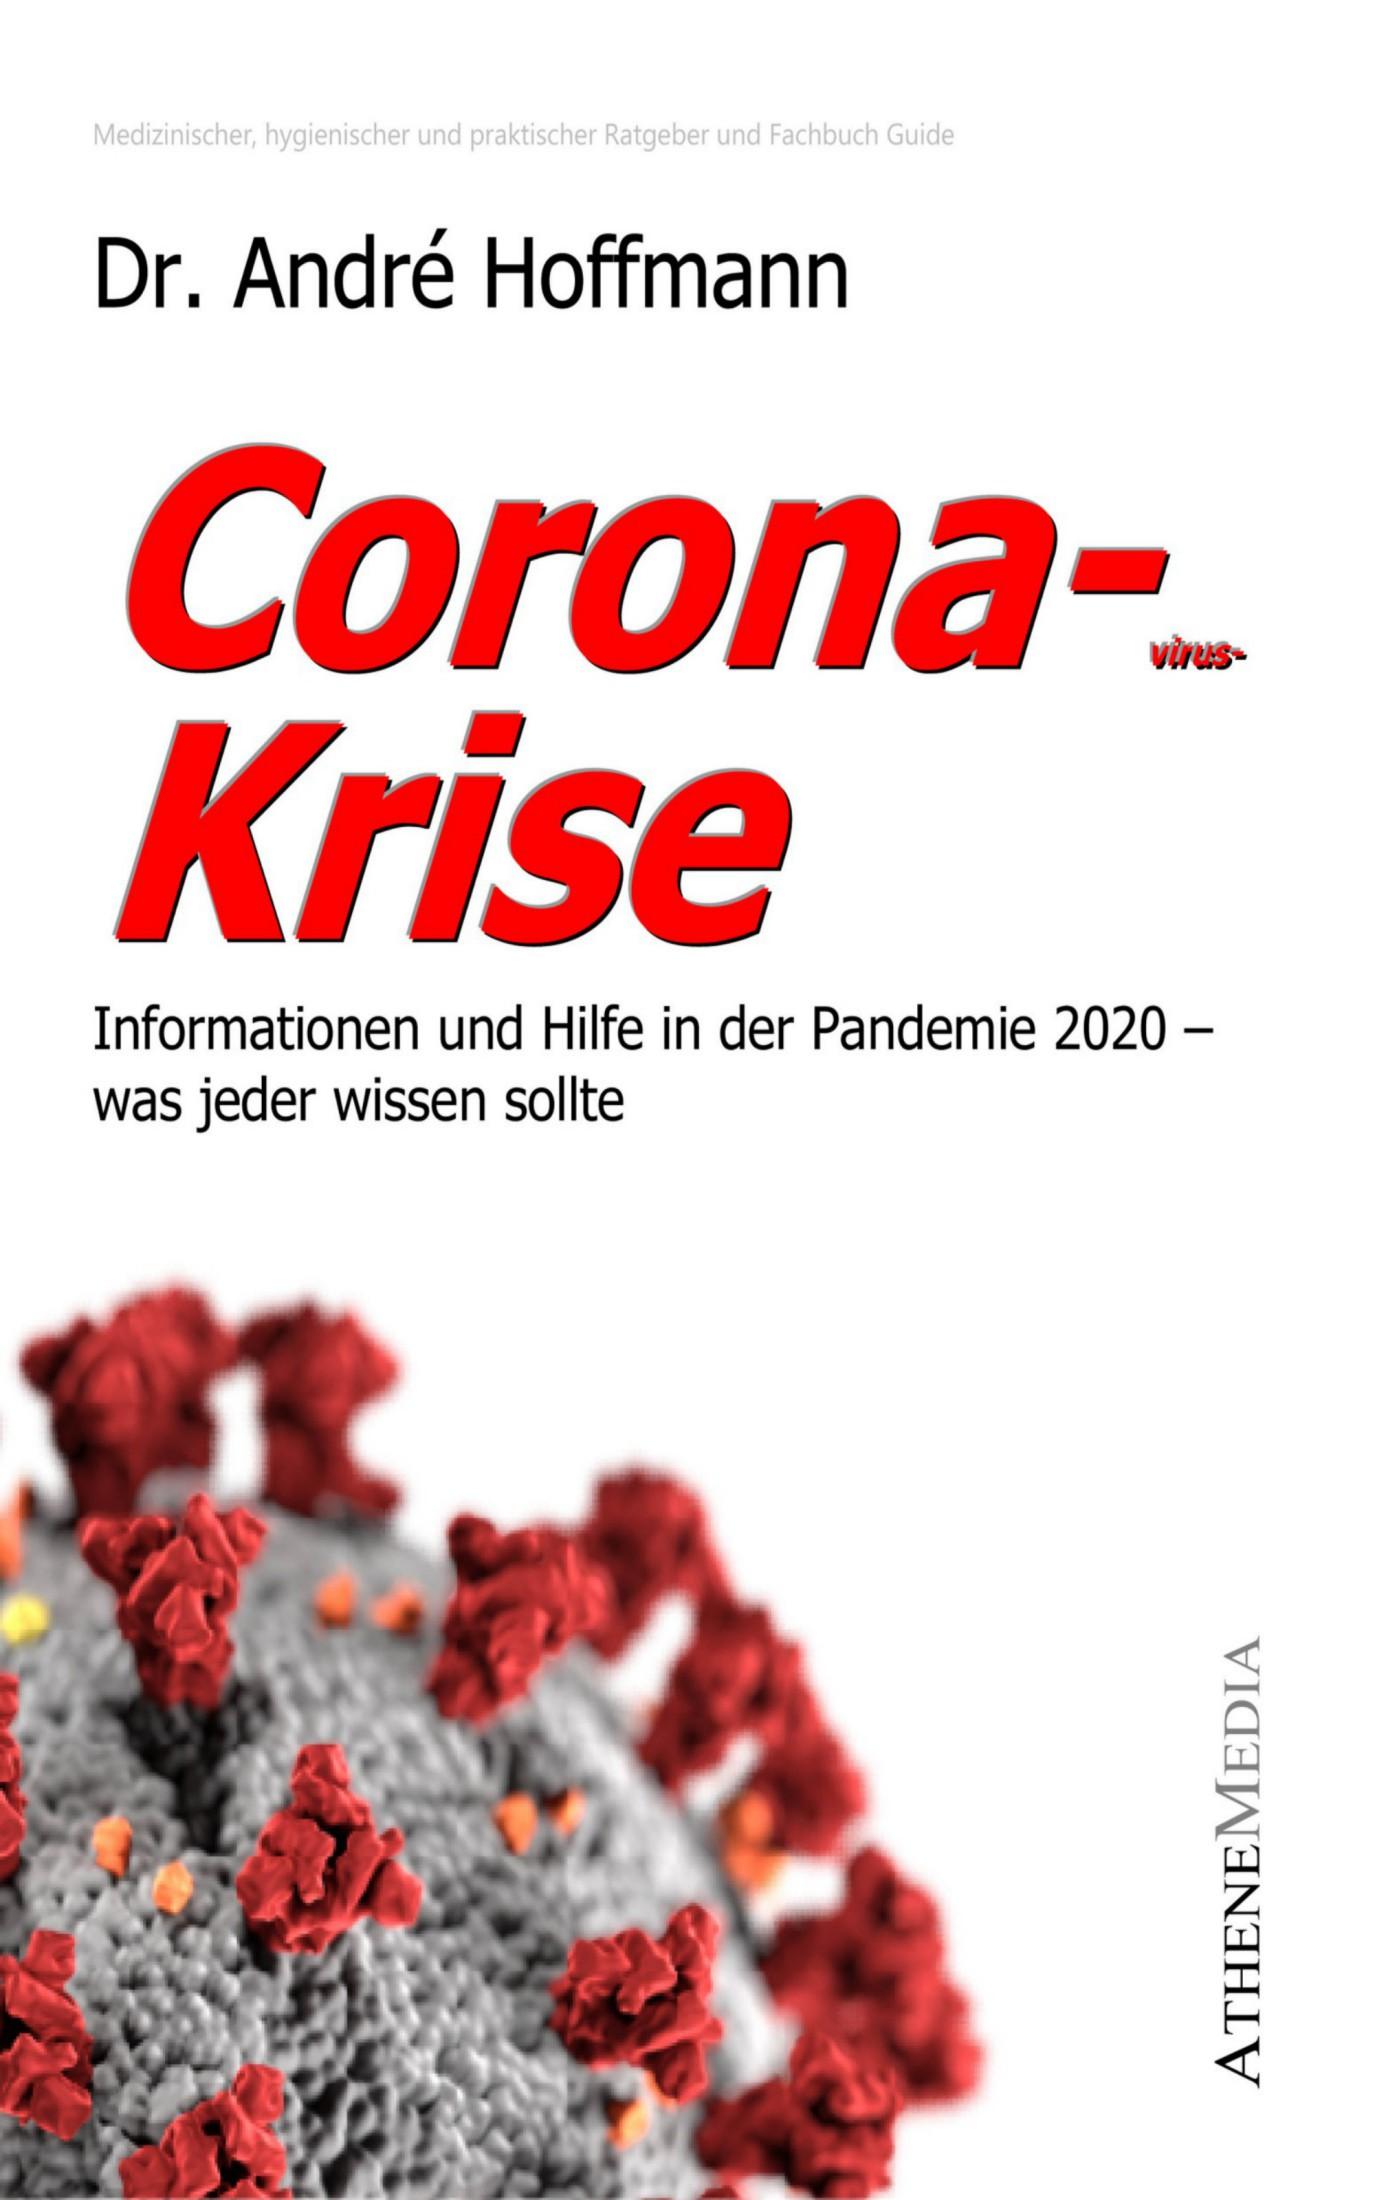 Dr. André Hoffmann Coronavirus-Krise stratifizierte und segmentierte offentlichkeit